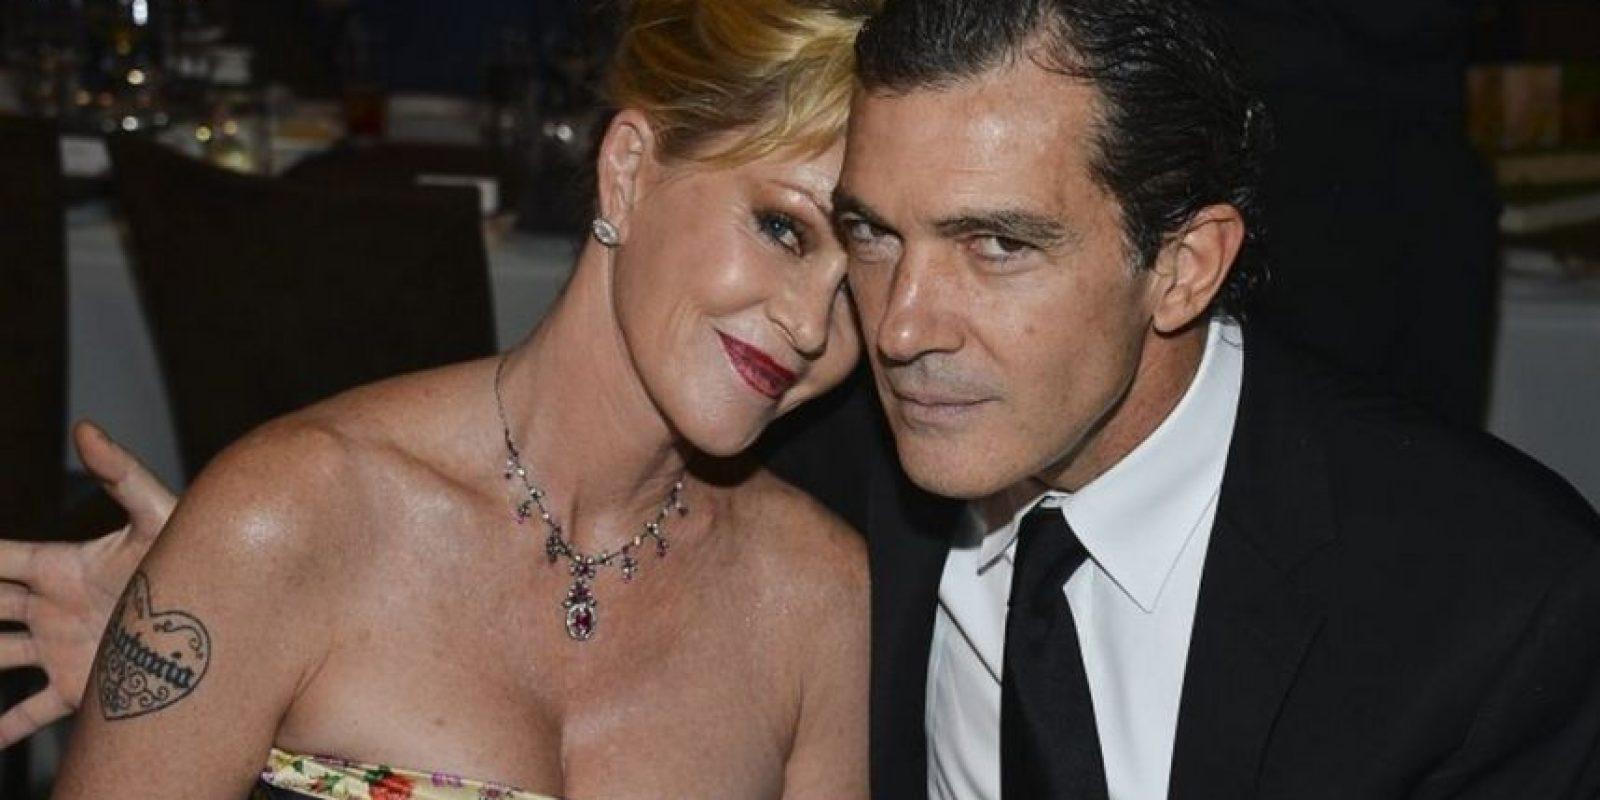 La pareja estuvo junta durante 19 años Foto:Getty Images